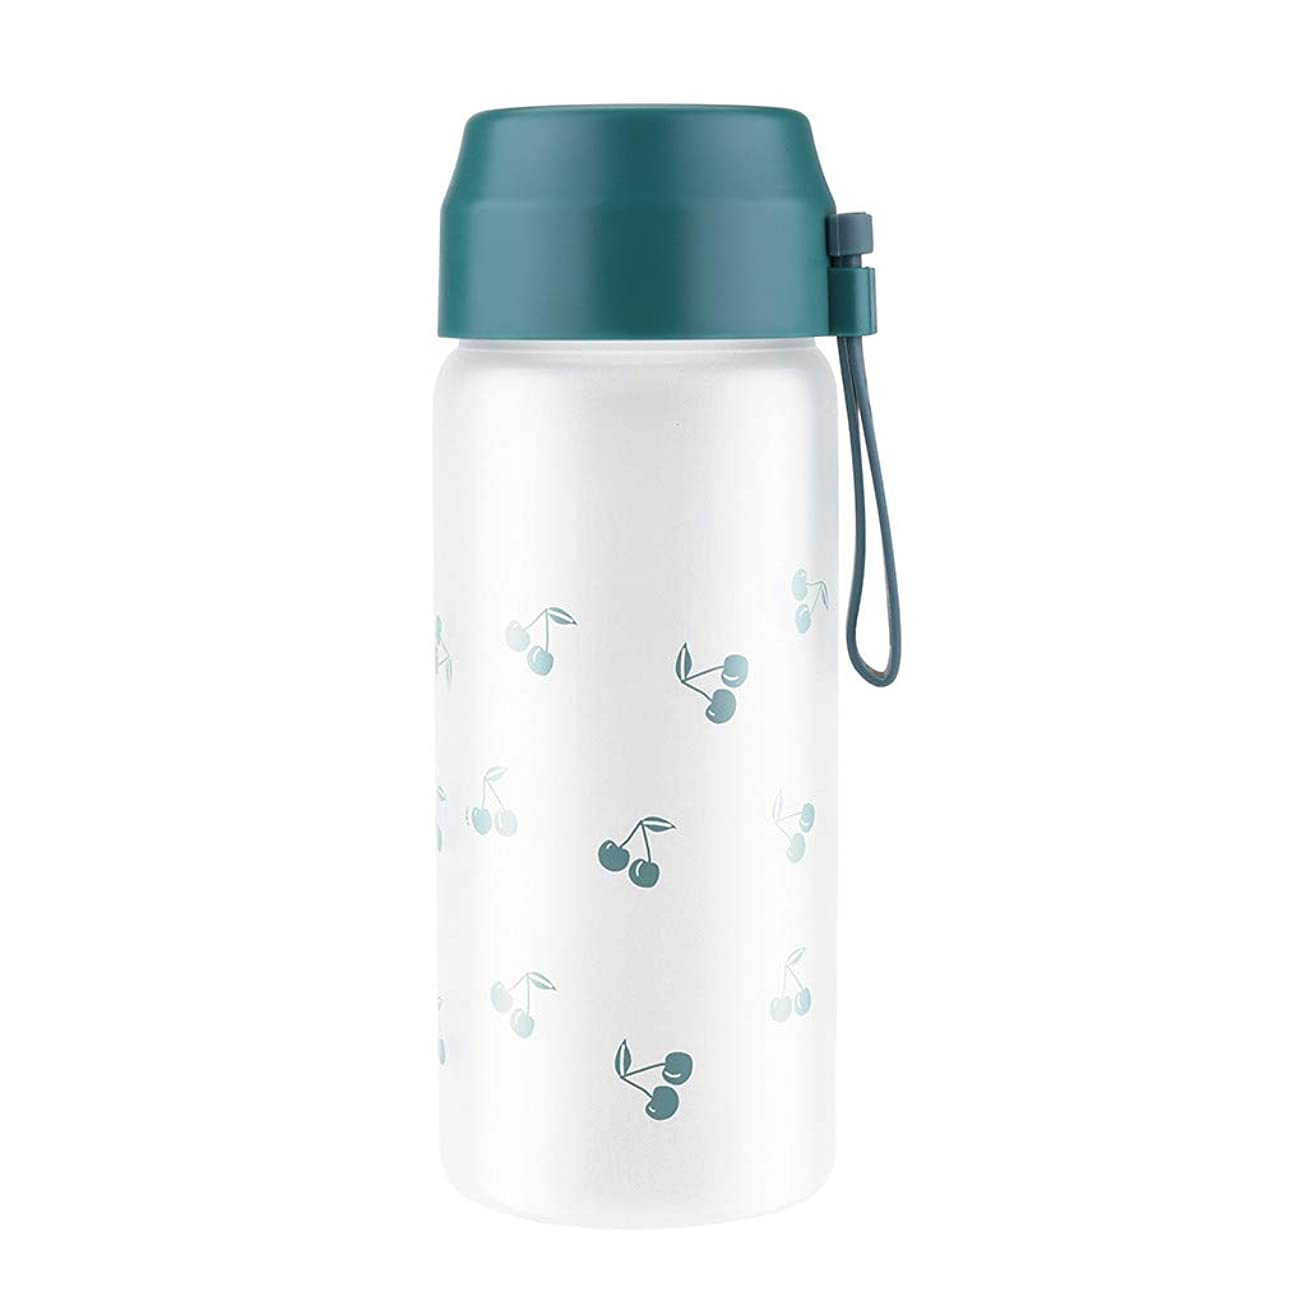 不倫枝誘惑色が変わるカップ、水カップ、水筒 、目盛り、 直飲み 、創造性、マット、温度、敏感、ガラス、屋外、300ml、携帯 、キャンプ用 、ハイキング